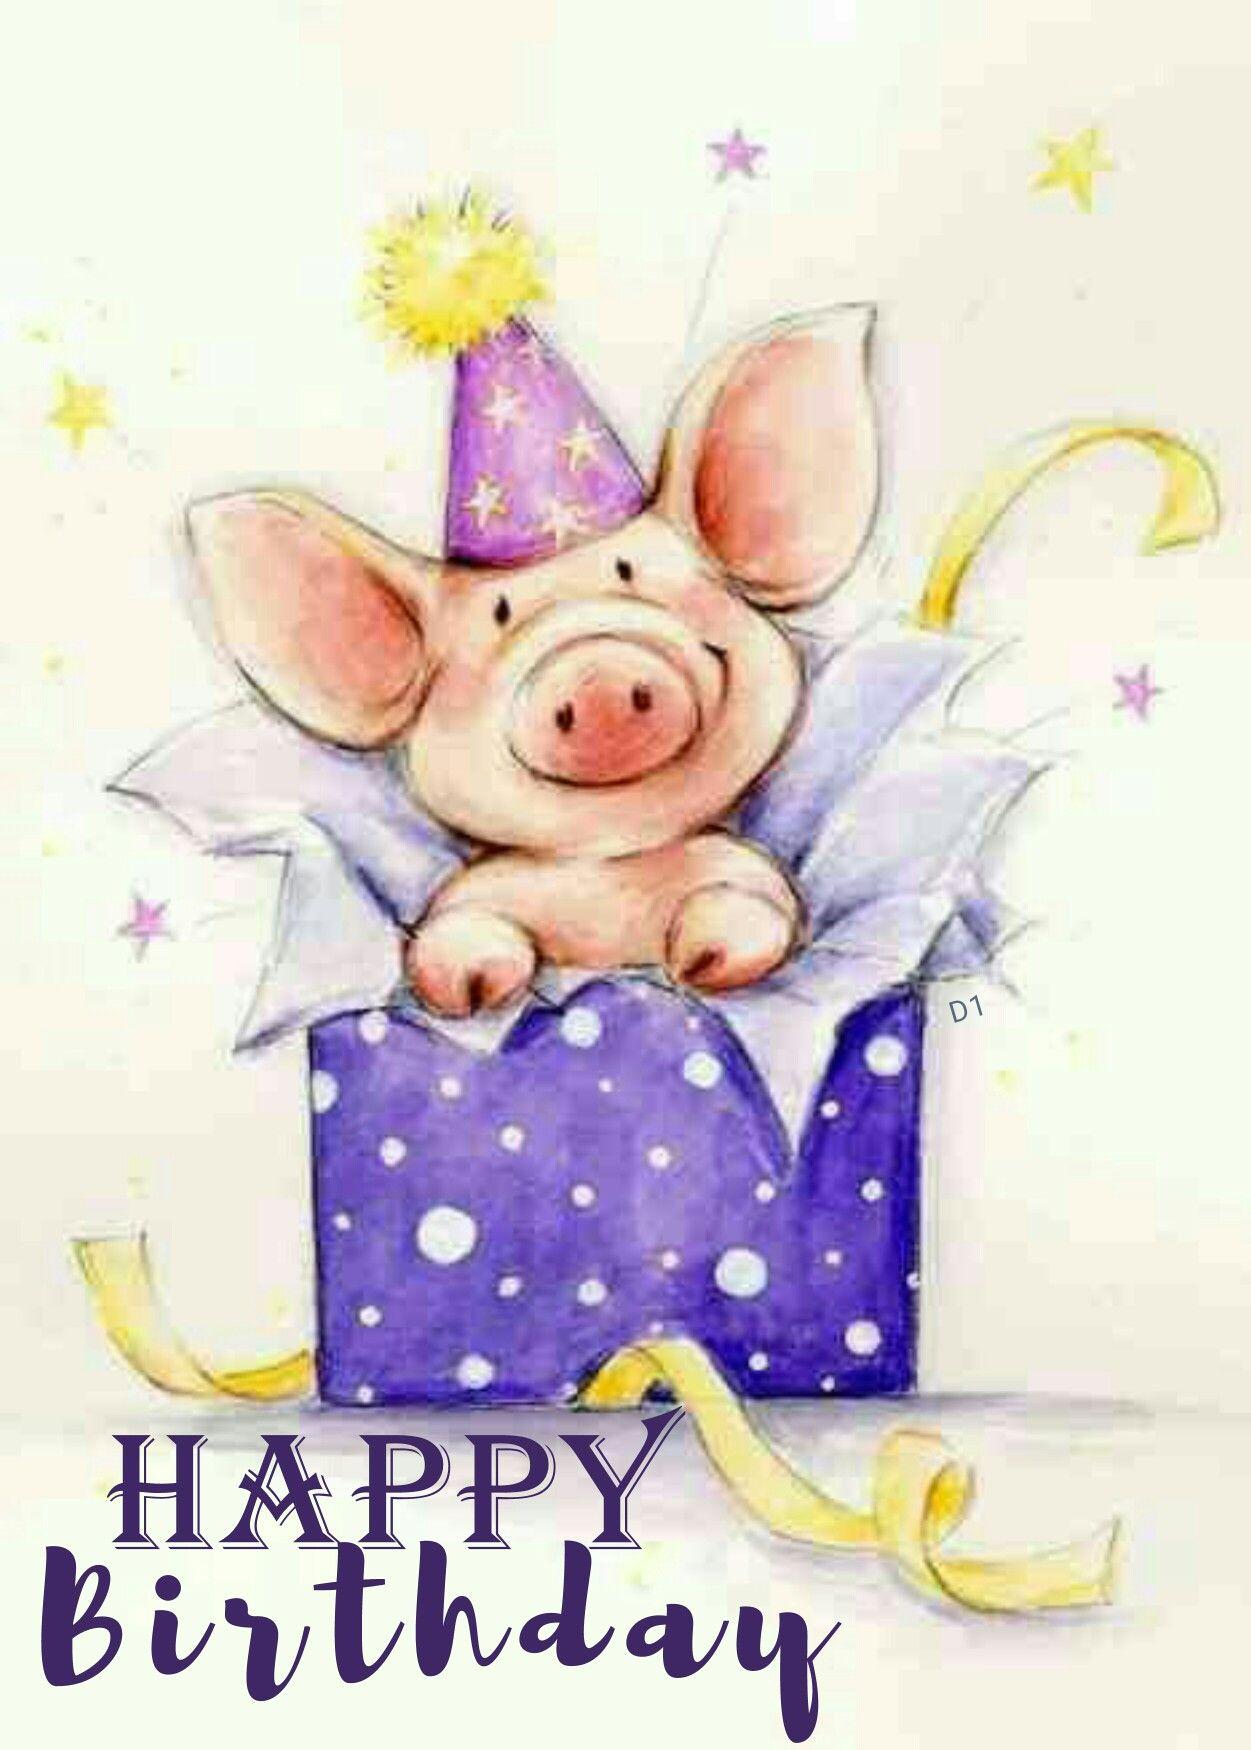 Happy Birthday Happy Birthday Cards Birthday Illustration Happy Birthday Pig